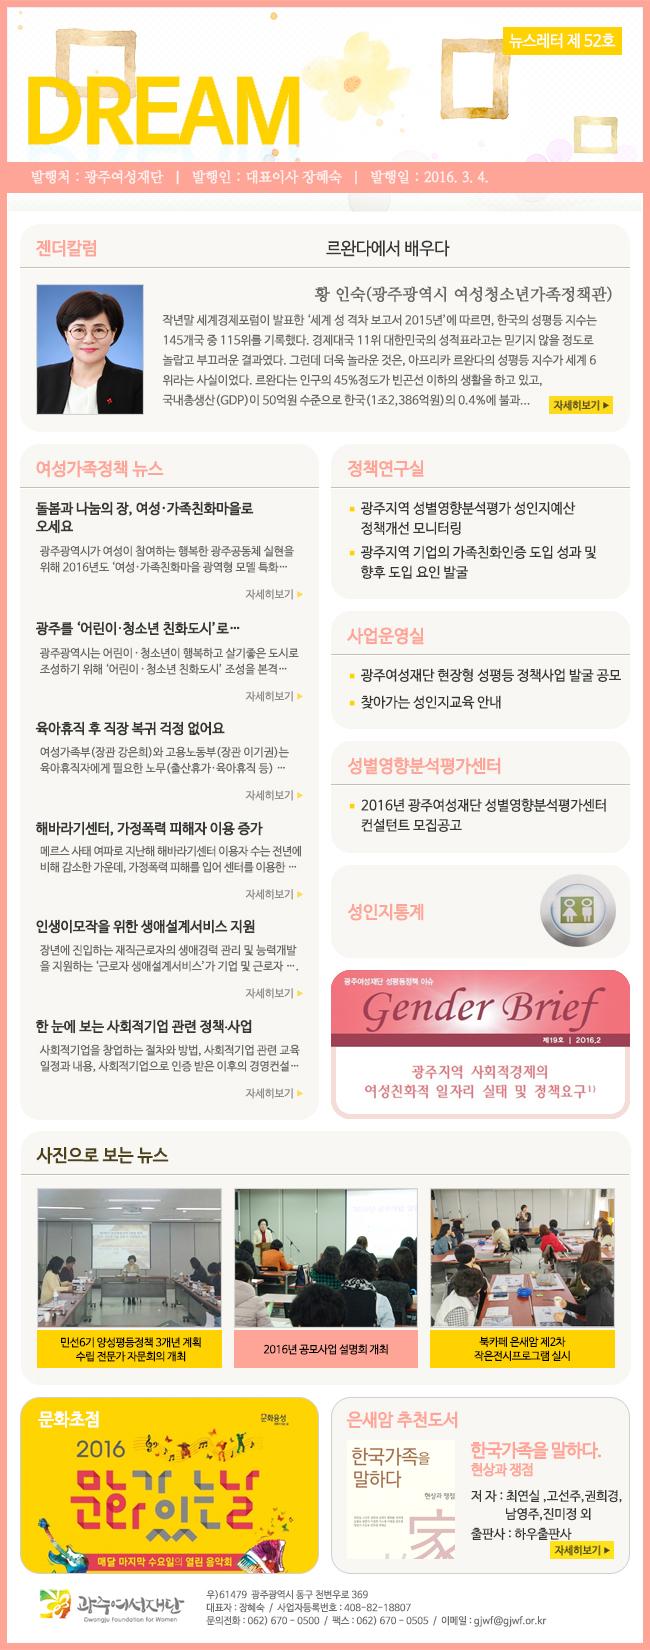 뉴스레터 드림 52호(16.3월) 썸네일